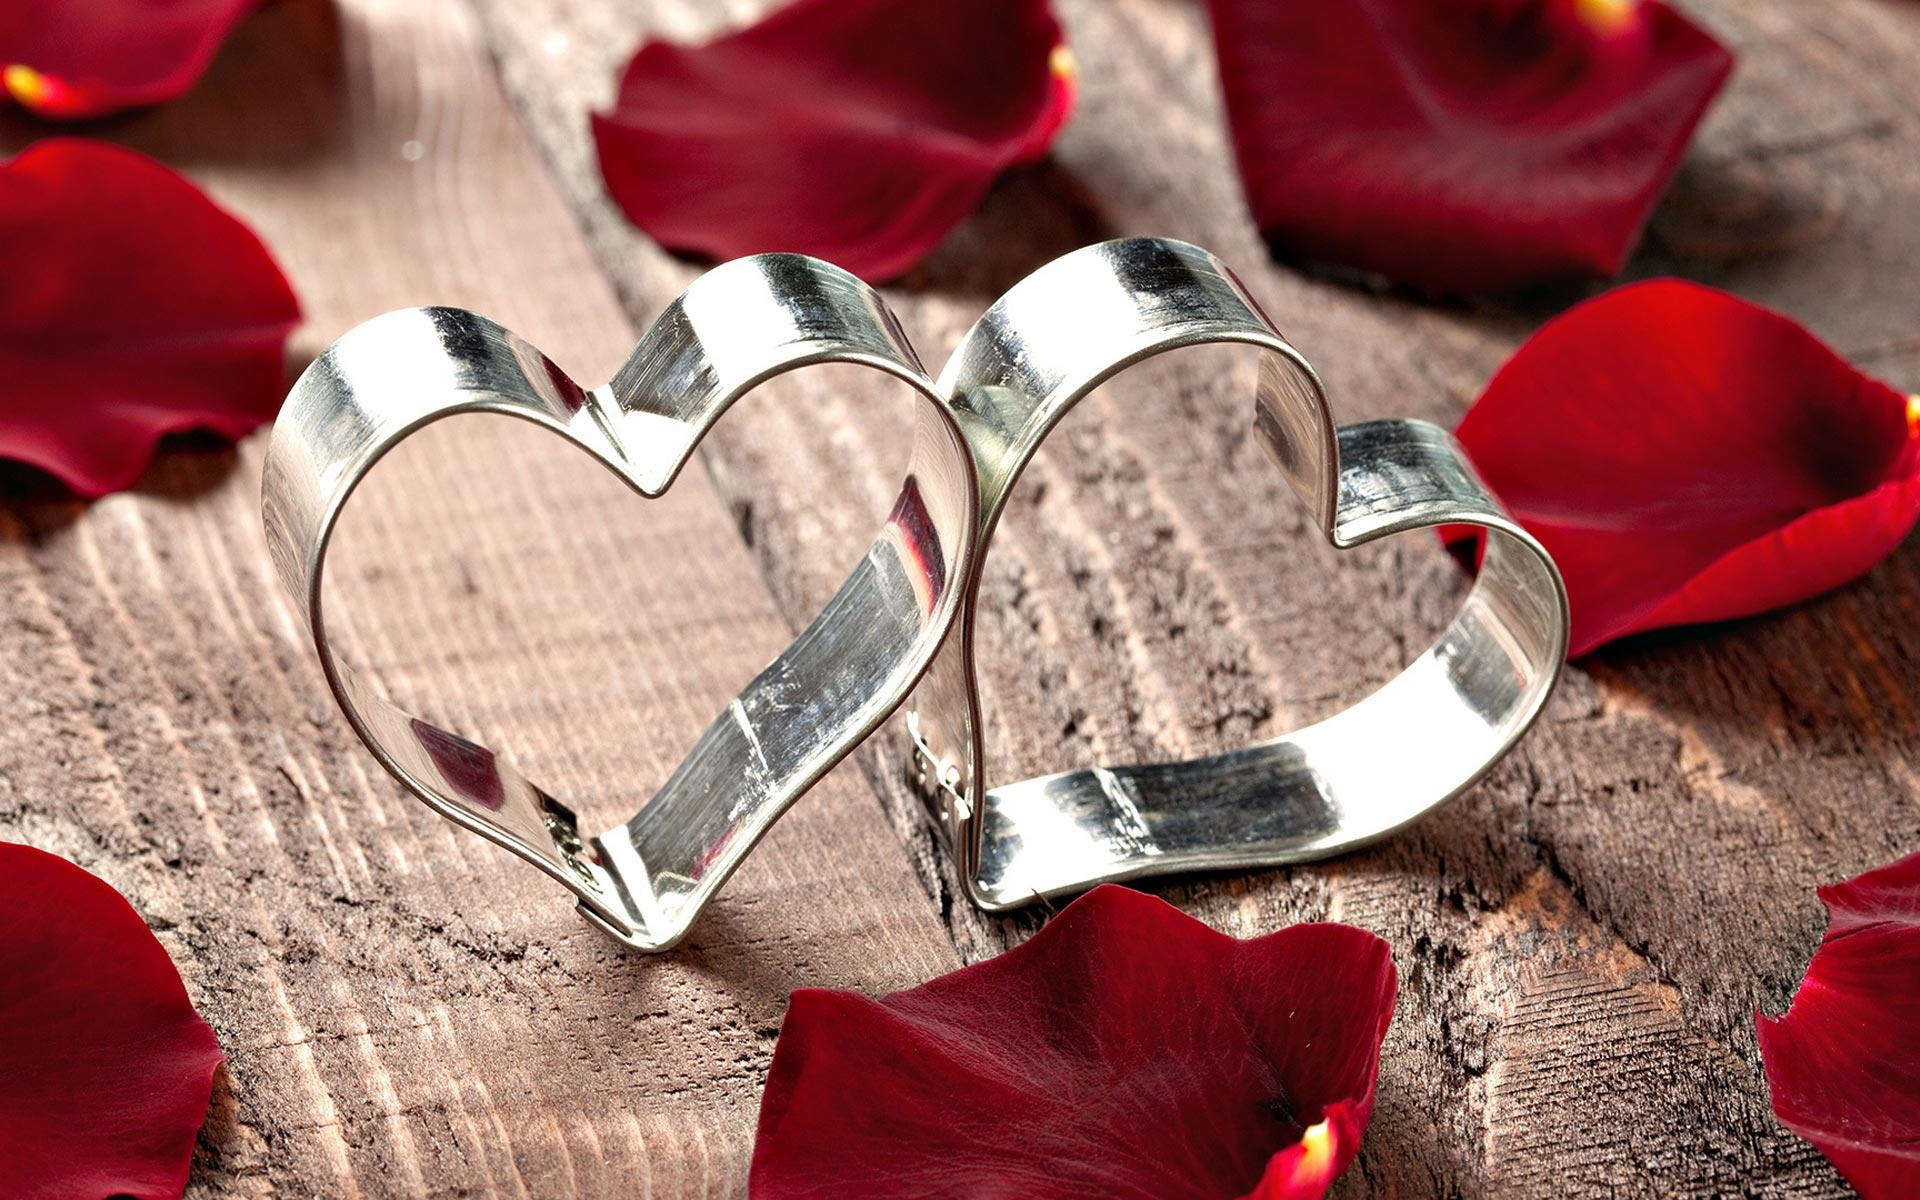 بالصور صور لعيد الحب , قبلات حمراء ومواعيد غرامية ابرز مشاهد الفلانتين 1819 9